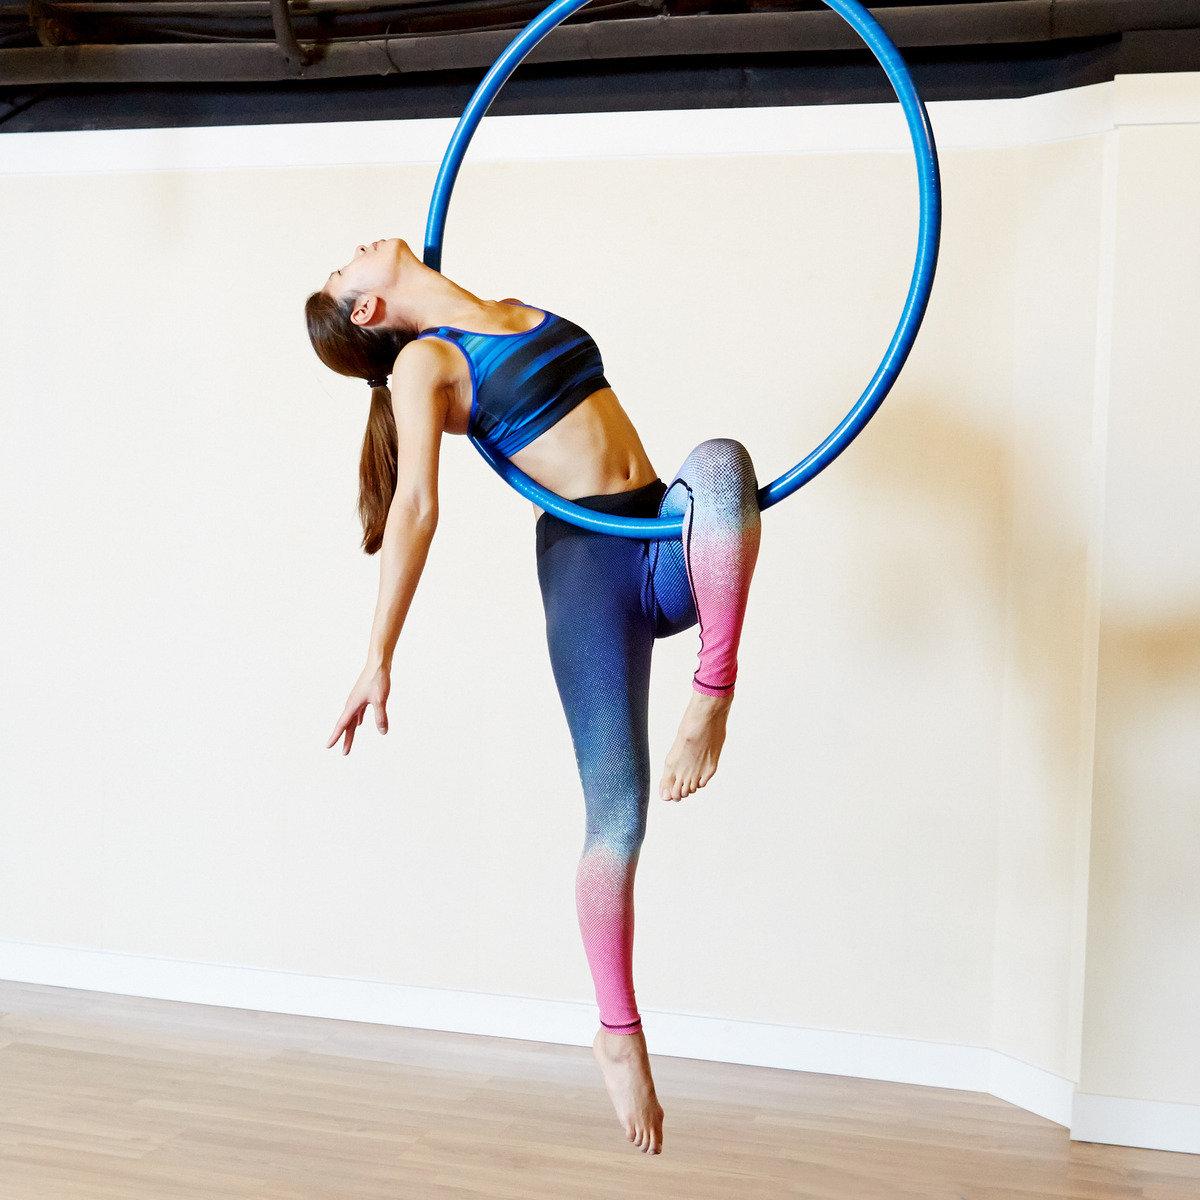 (1人) 4 堂 自選空中瑜珈 / 空中呼拉圈 / 空中絲帶舞課程